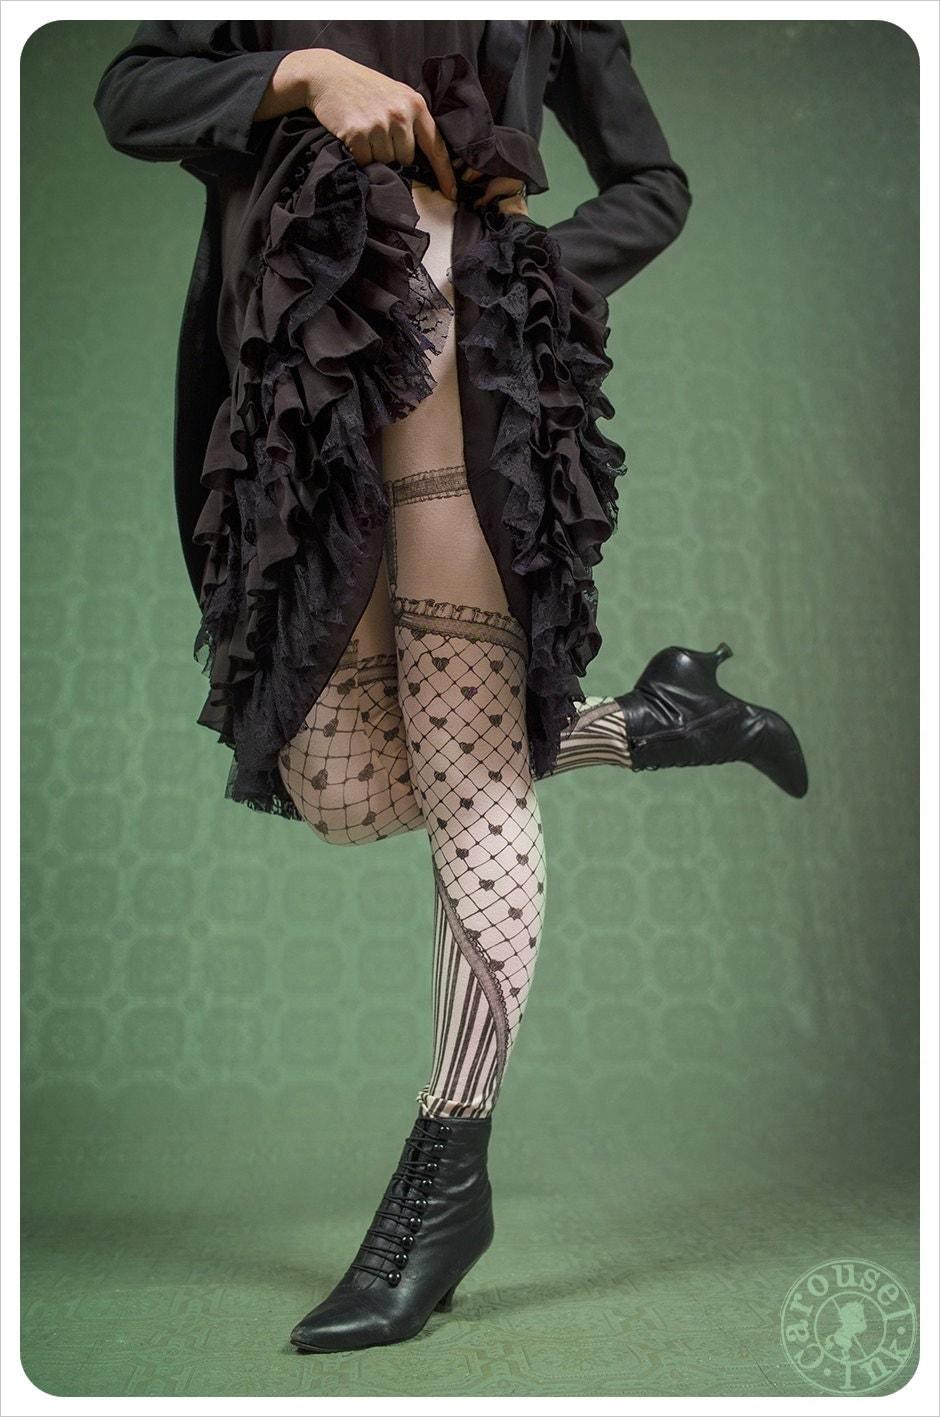 Garter Heart Leggings - Fishnet - Wearable art legging carousel ink steampunk buy now online